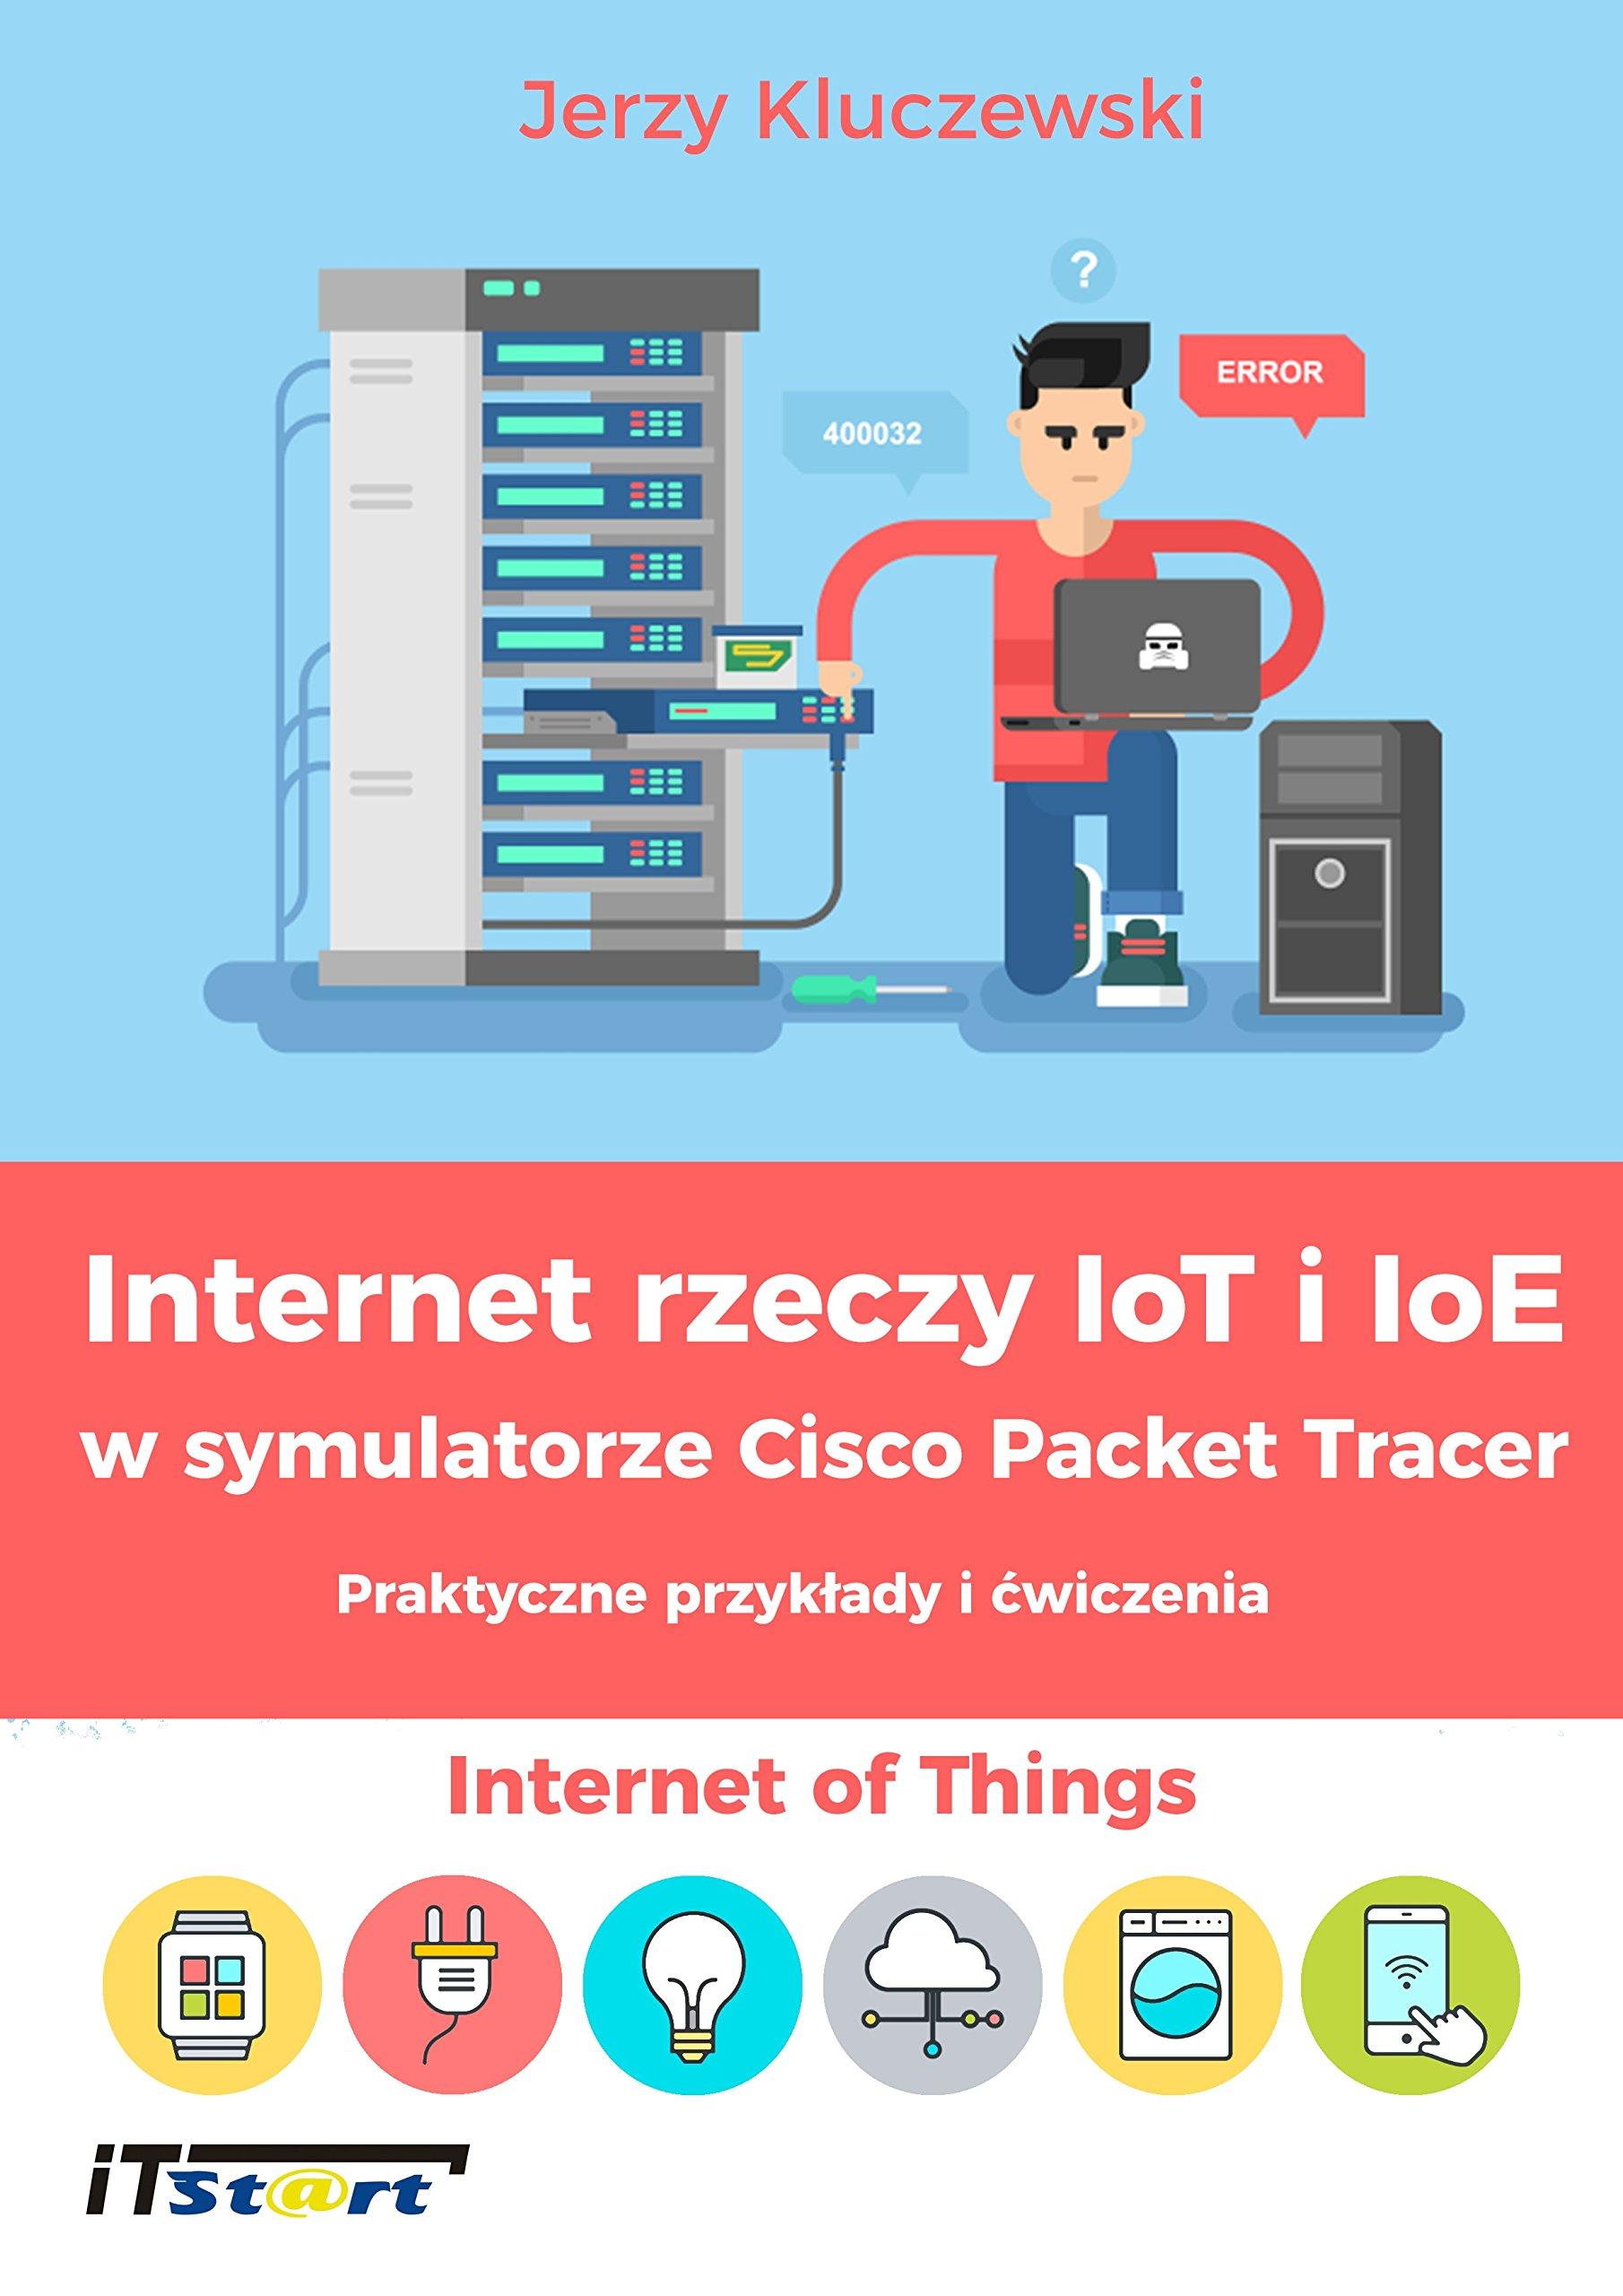 Internet rzeczy IoT i IoE w symulatorze Cisco Packet Tracer: Jerzy